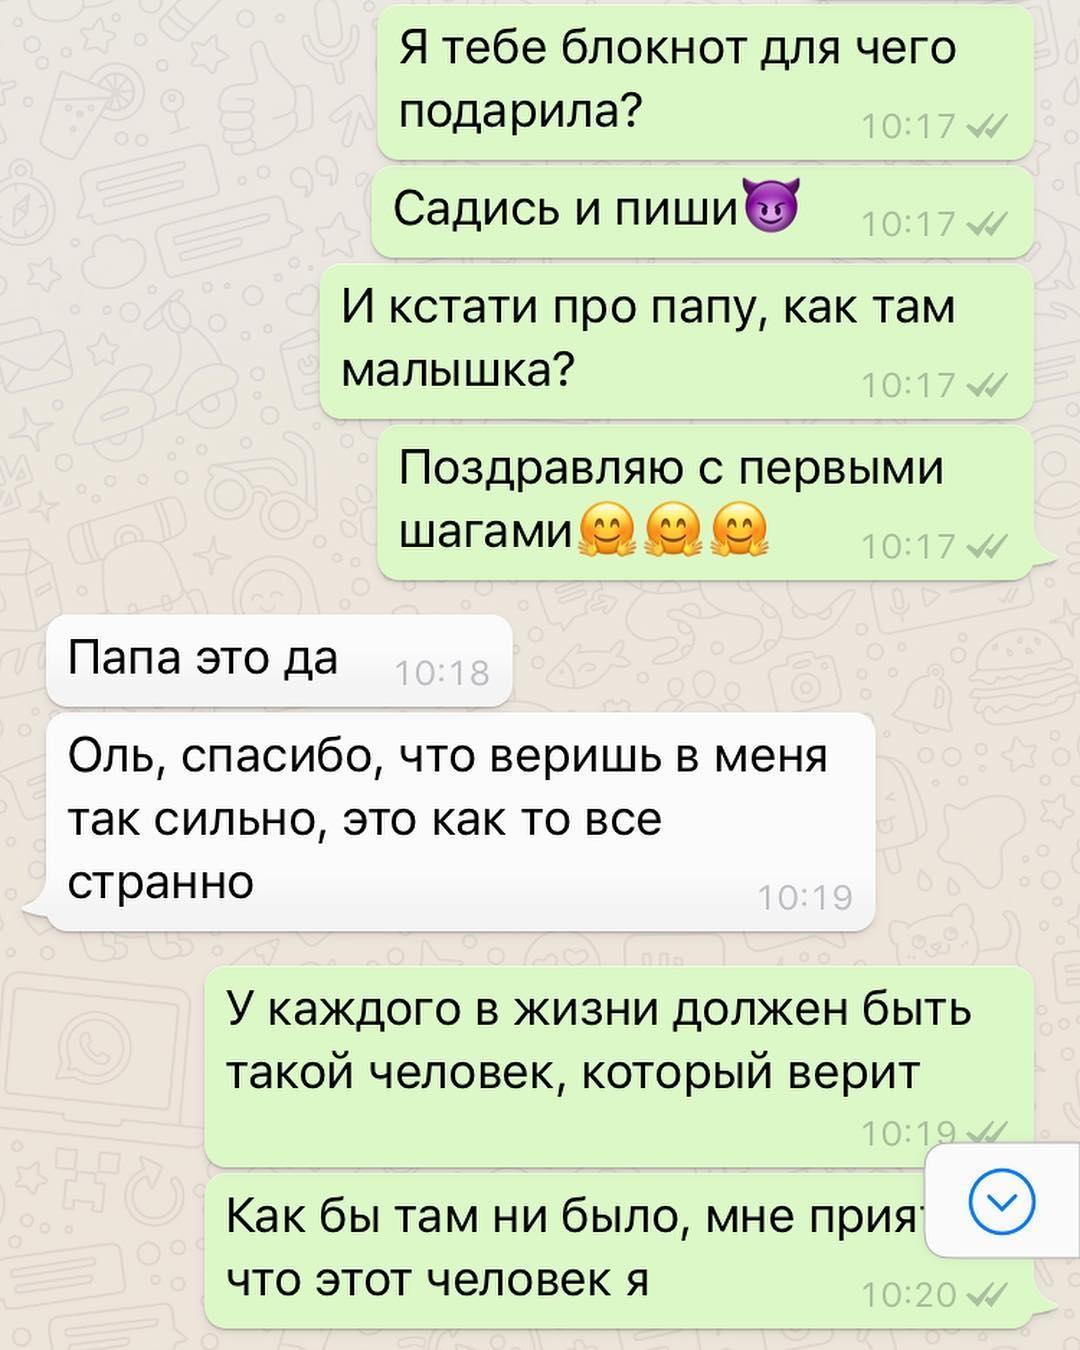 Сударкина опубликовала переписку с Дмитренко